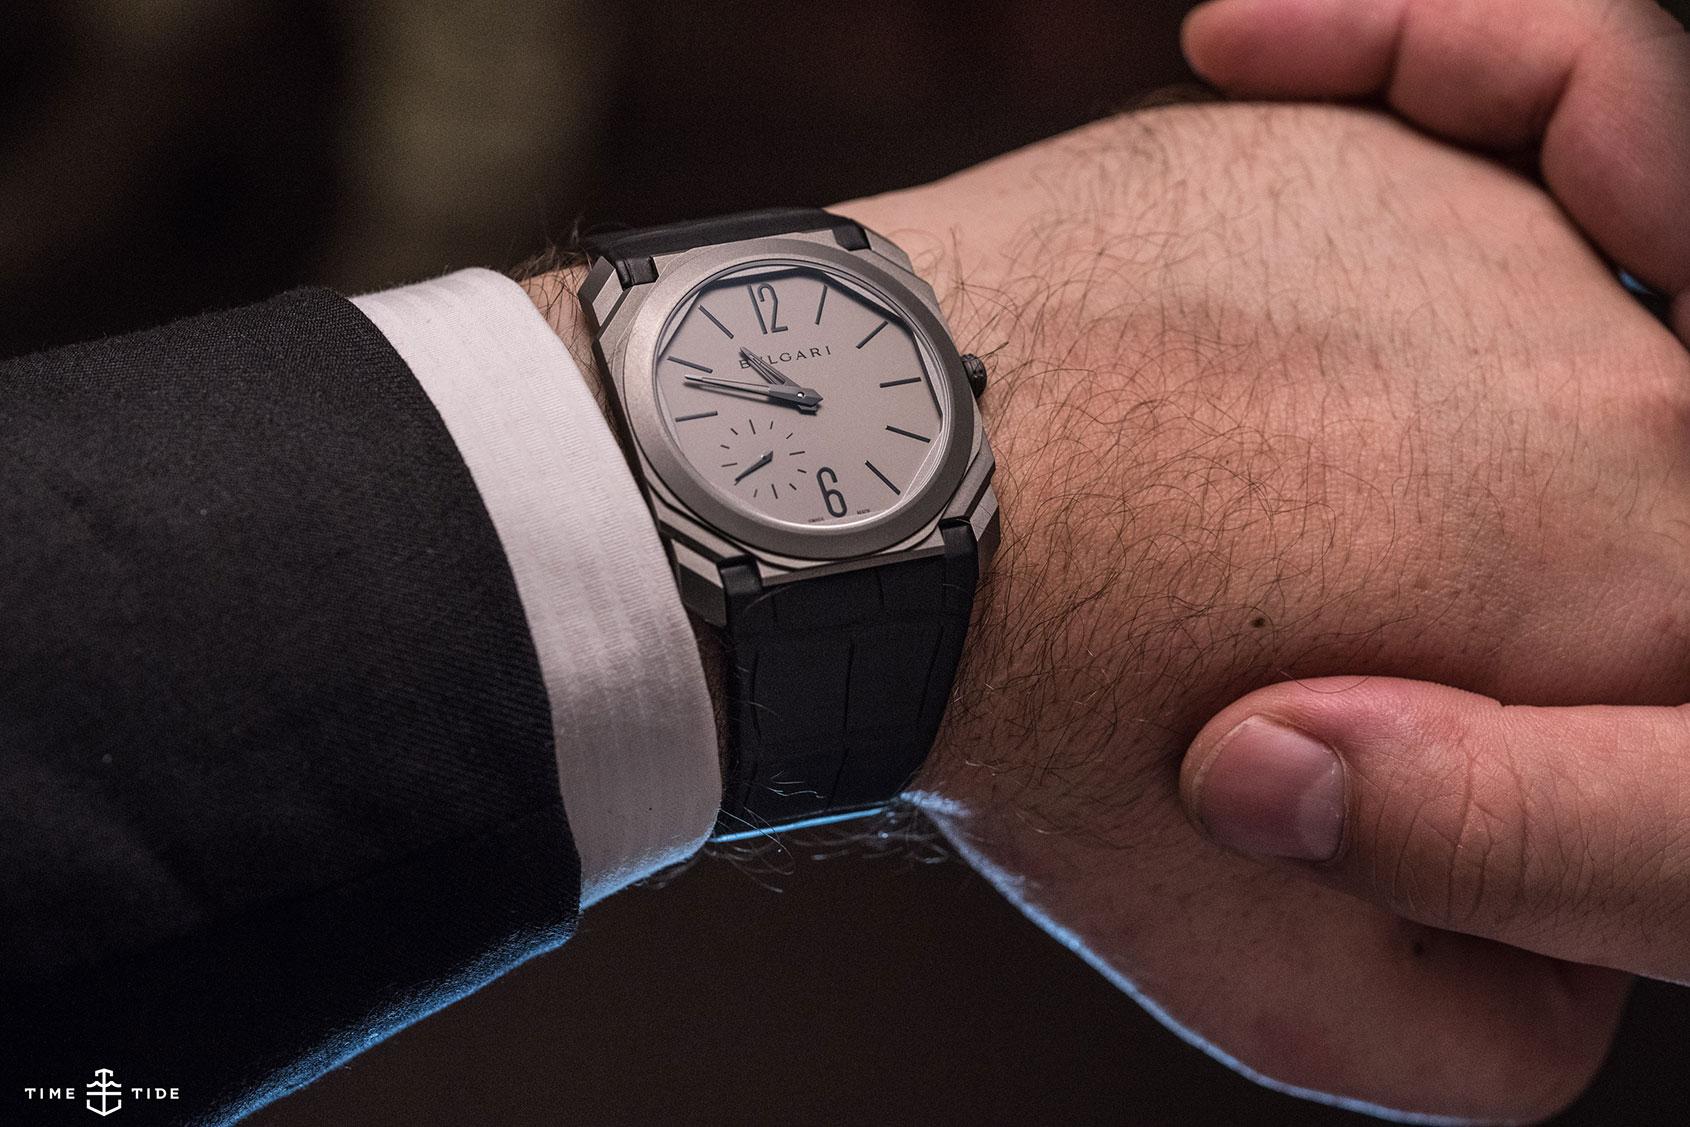 e8be774f006 Bulgari Otto Finissimo Automatic s Barely-there Brilliance – Hands ...